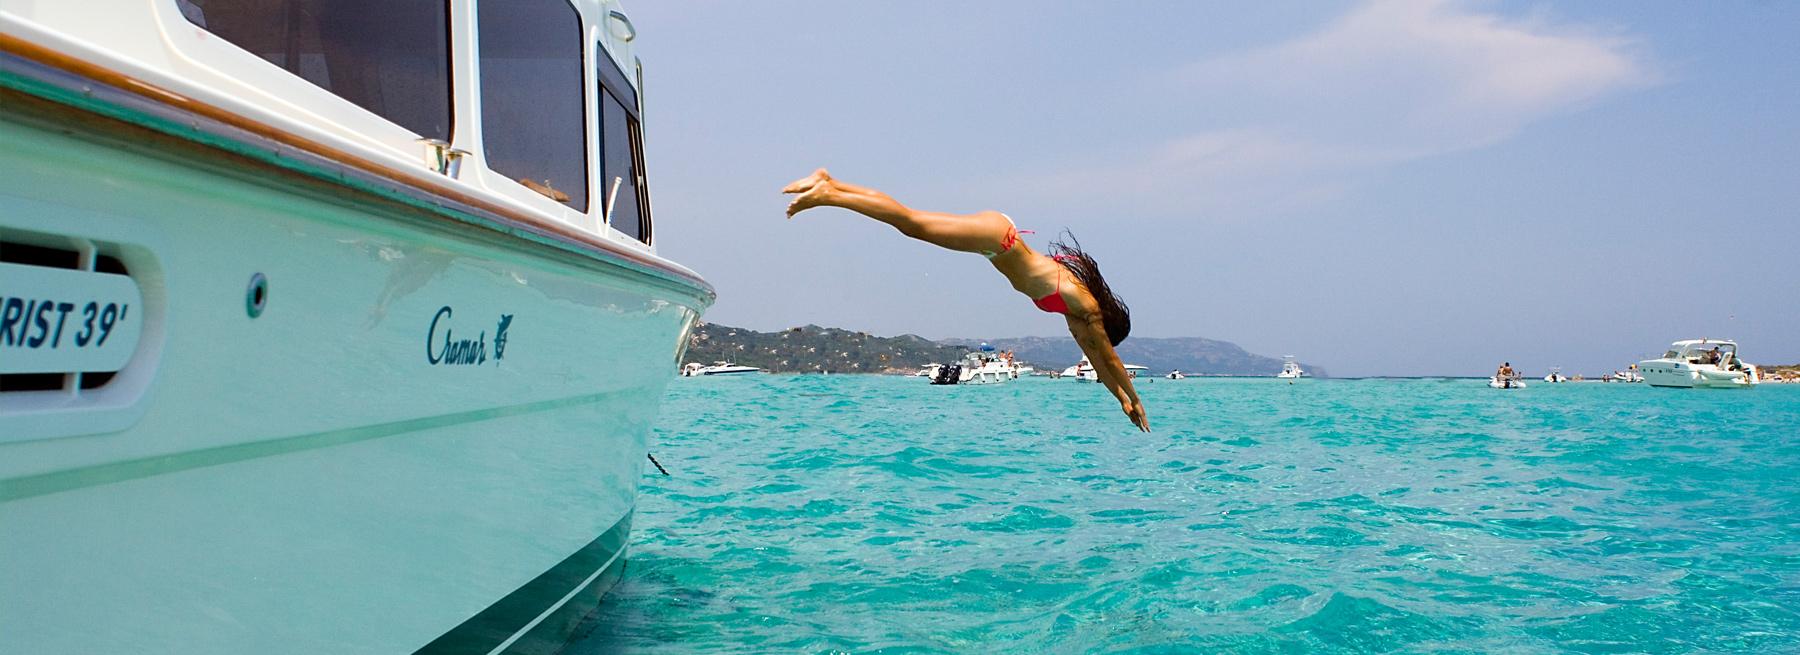 Delphina El Mar del Hotel Torreruja en el norte de Cerdeña, en Isola Rossa Isola Rossa Cerdena - Italia